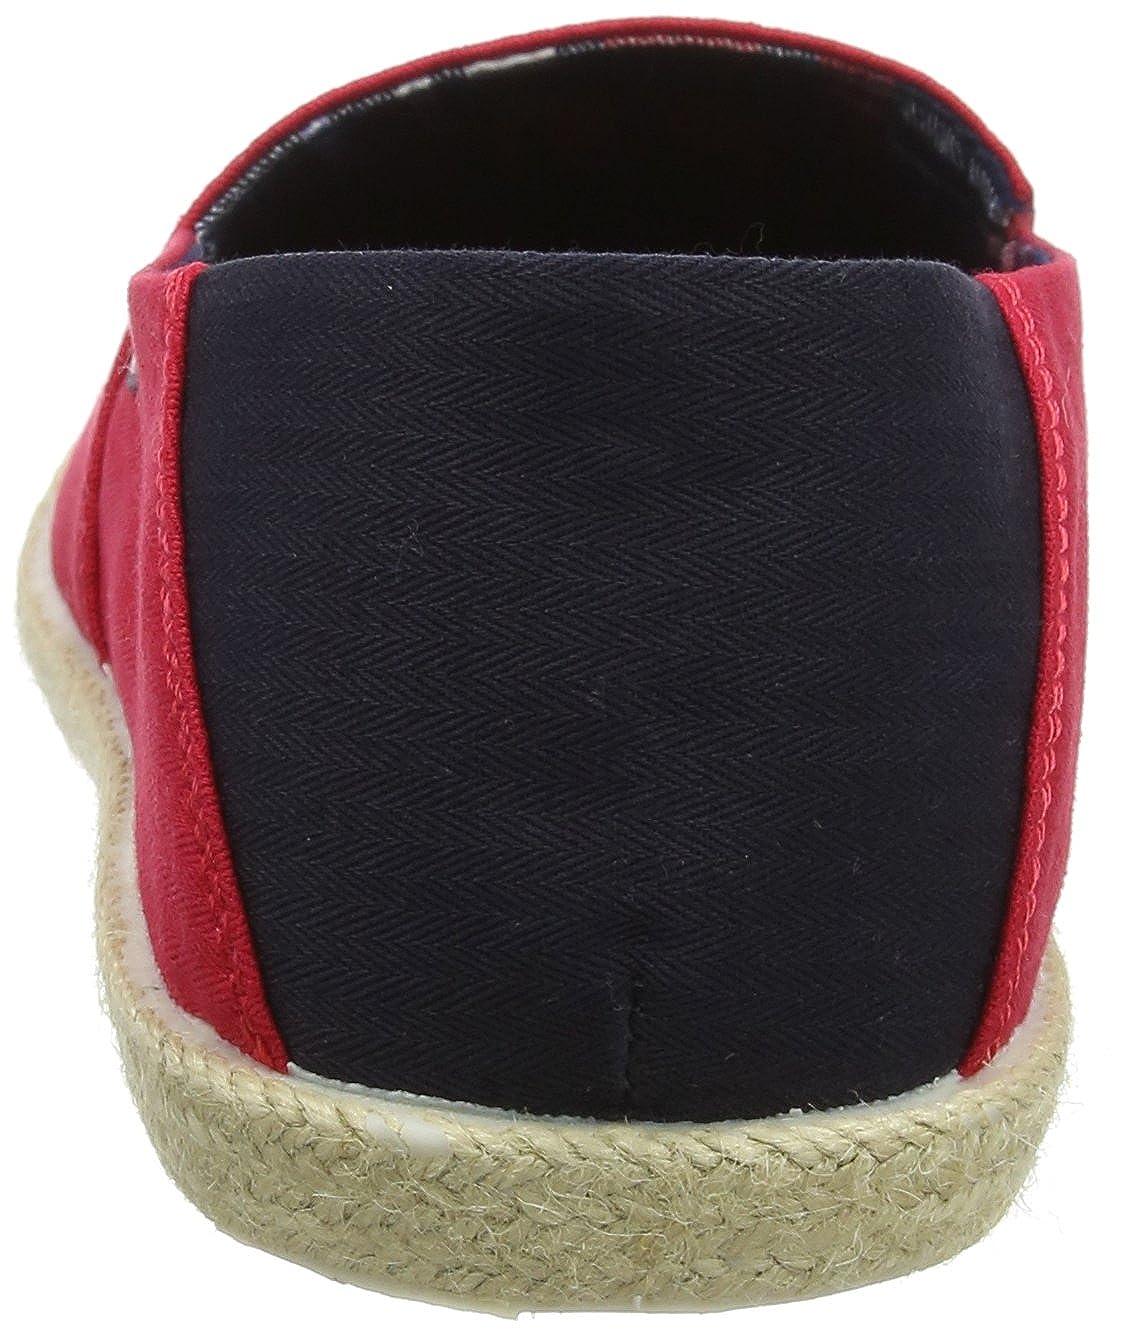 Tommy Hilfiger G2285ranada 2D_1, Alpargatas para Hombre: Amazon.es: Zapatos y complementos